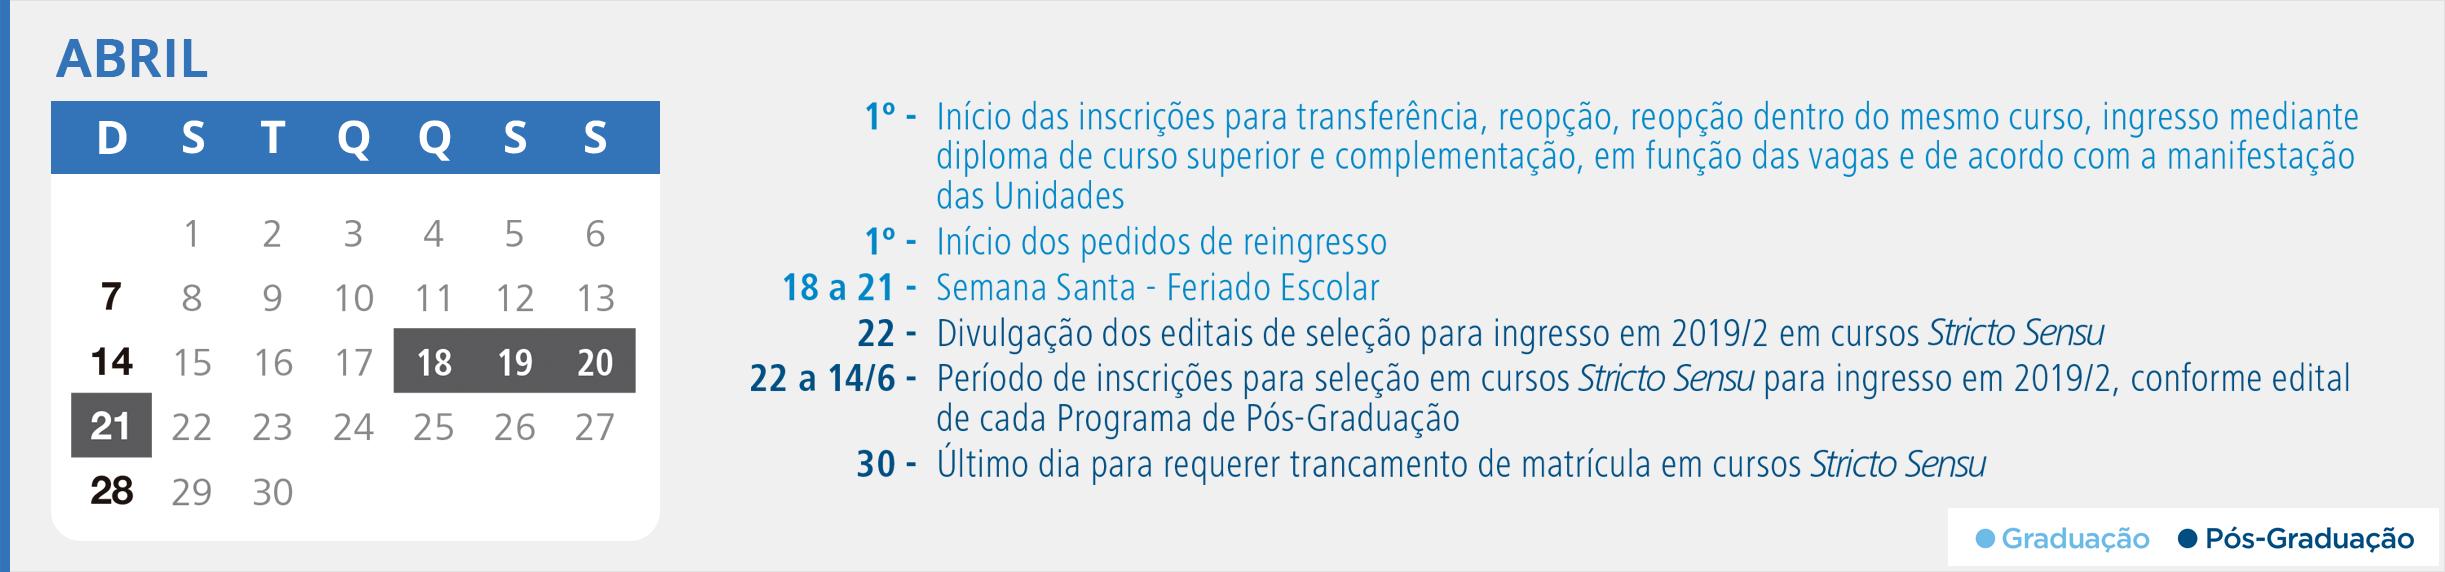 Calendário Acadêmico PUCRS - Mês de Abril